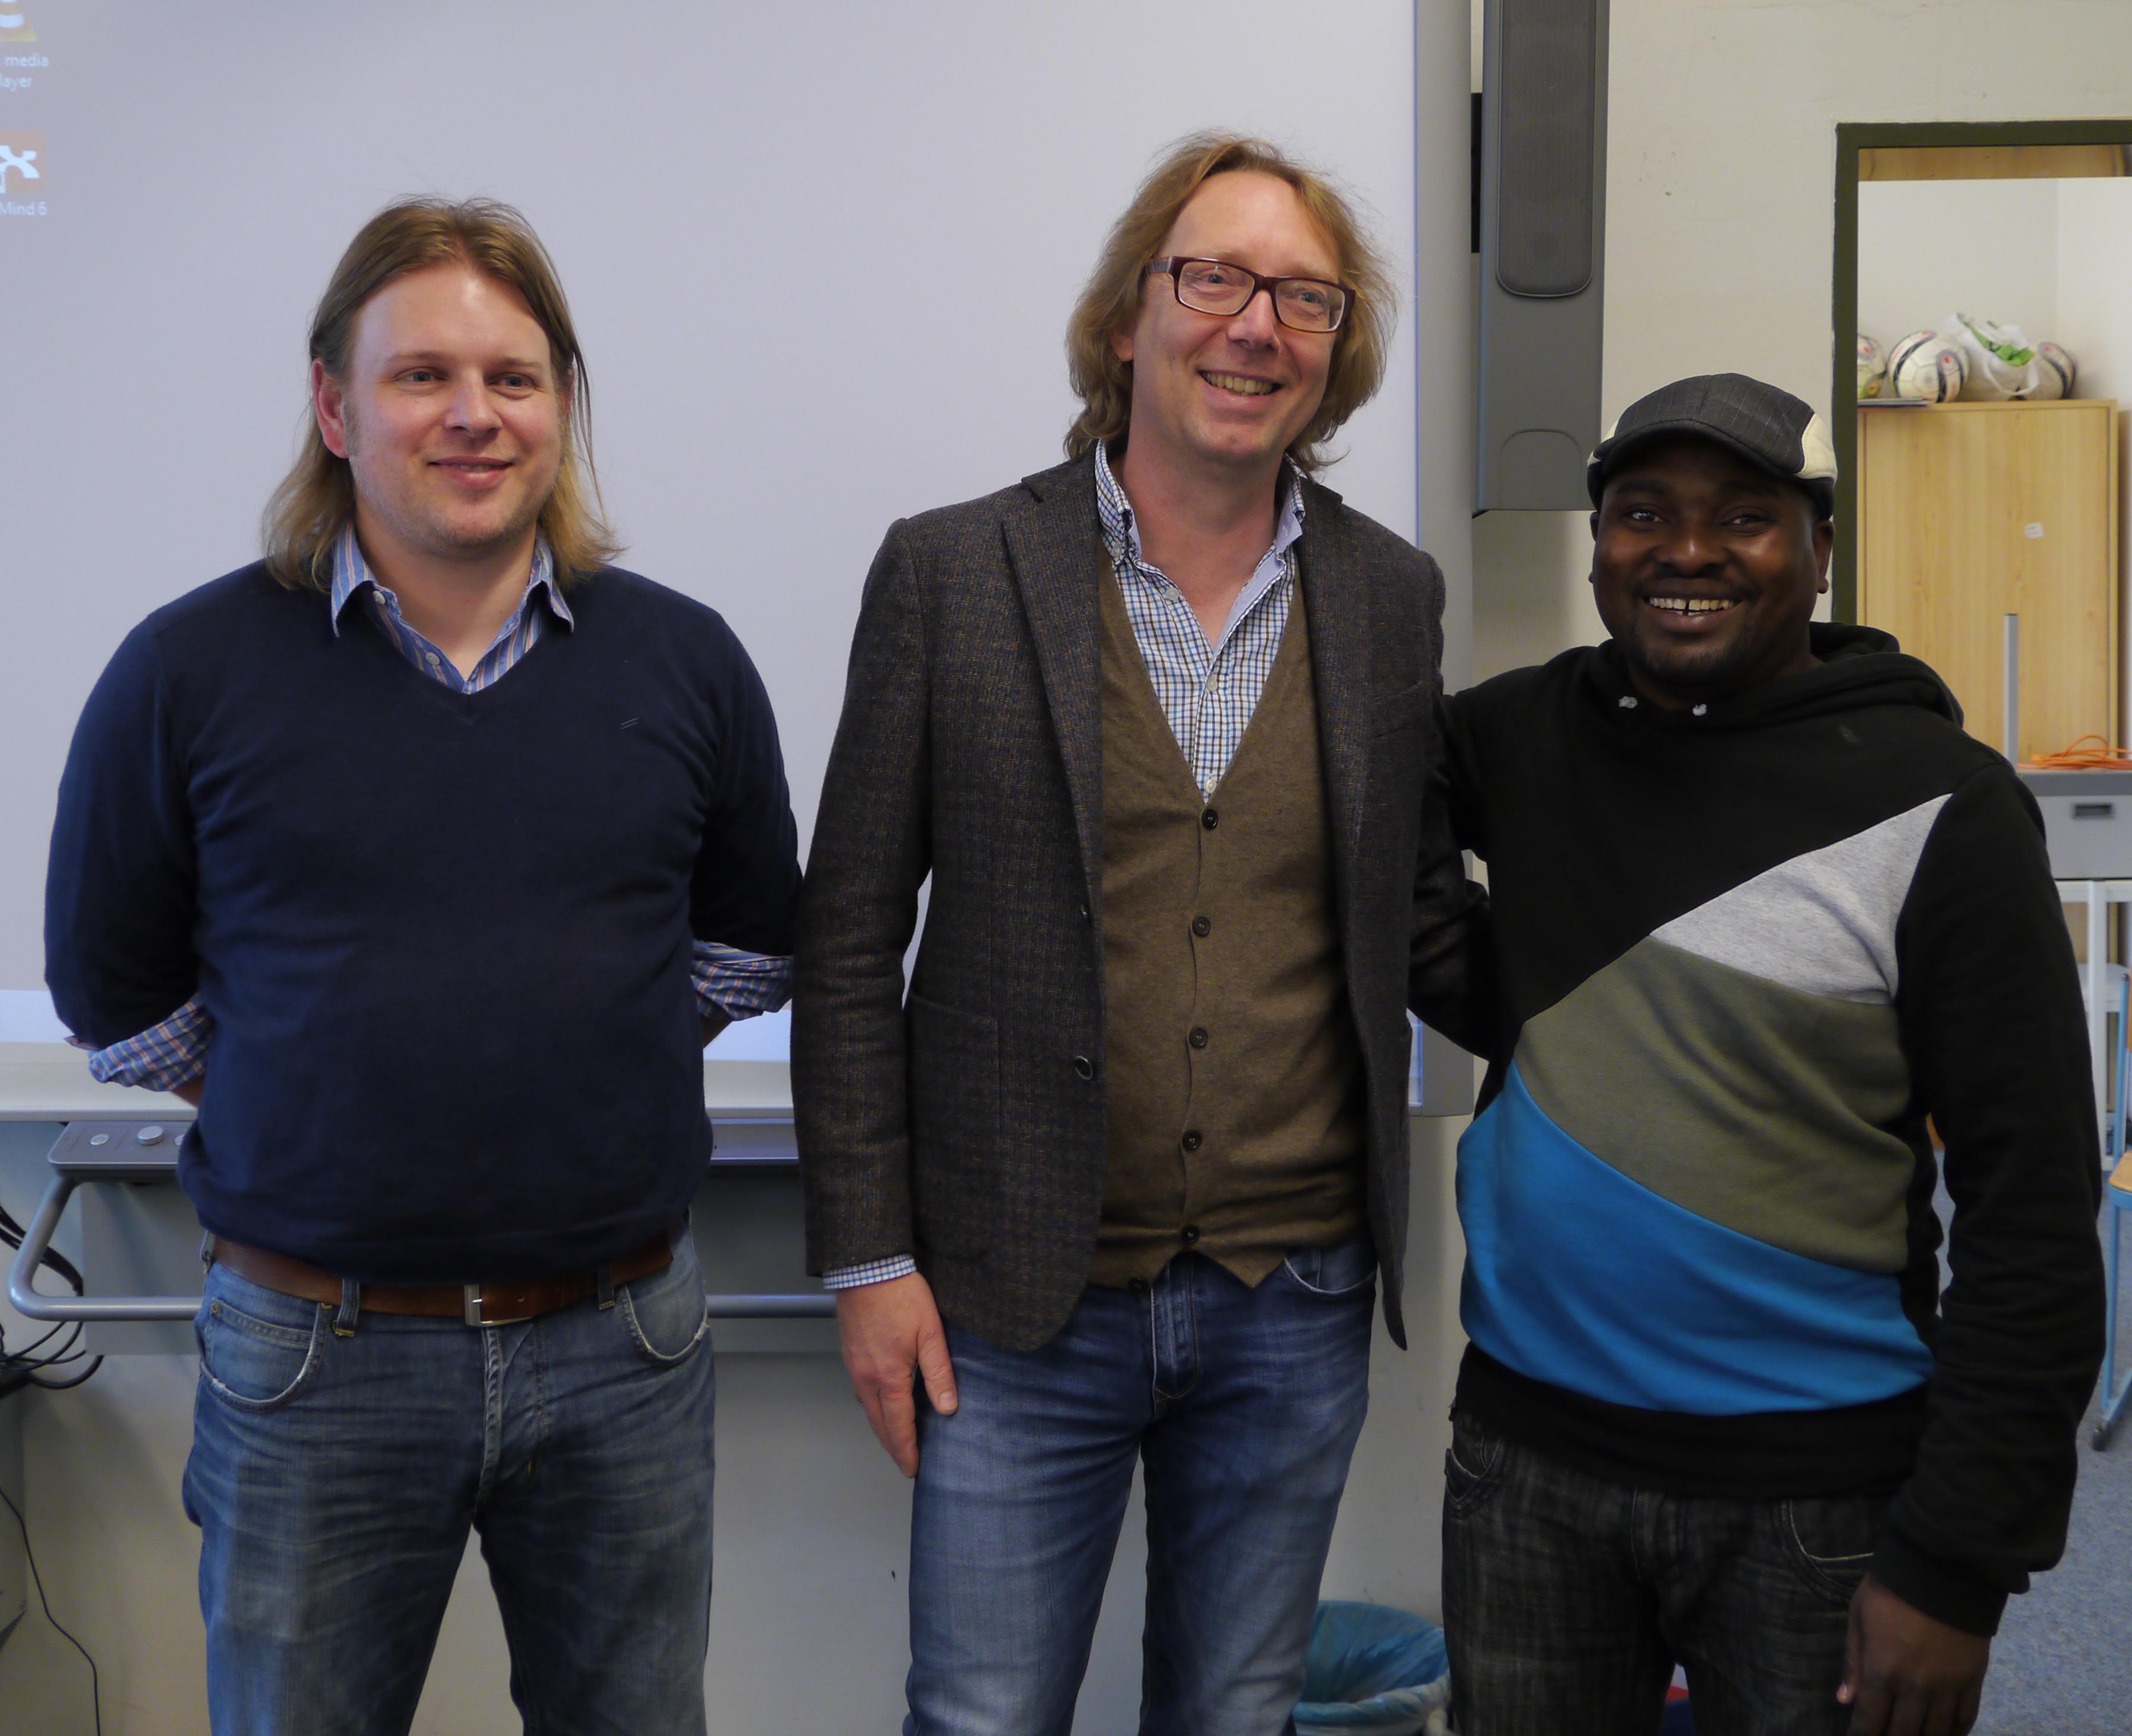 mit-Schulleiter-Ralf-Pöhler-und-Lehrer-Gunnar-Carstensen